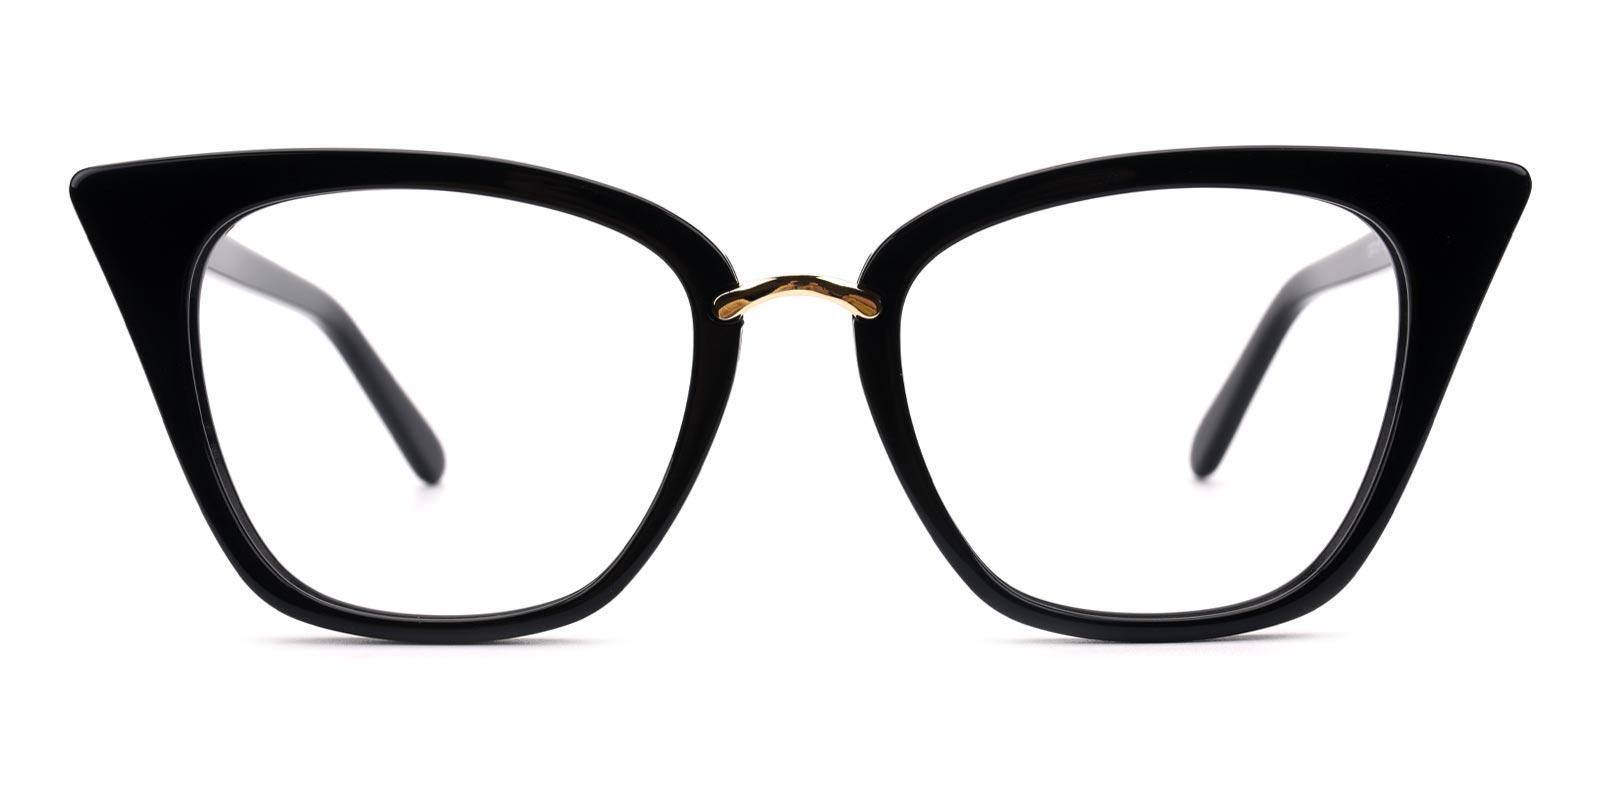 Jasmine-Black-Cat-Acetate-Eyeglasses-additional2